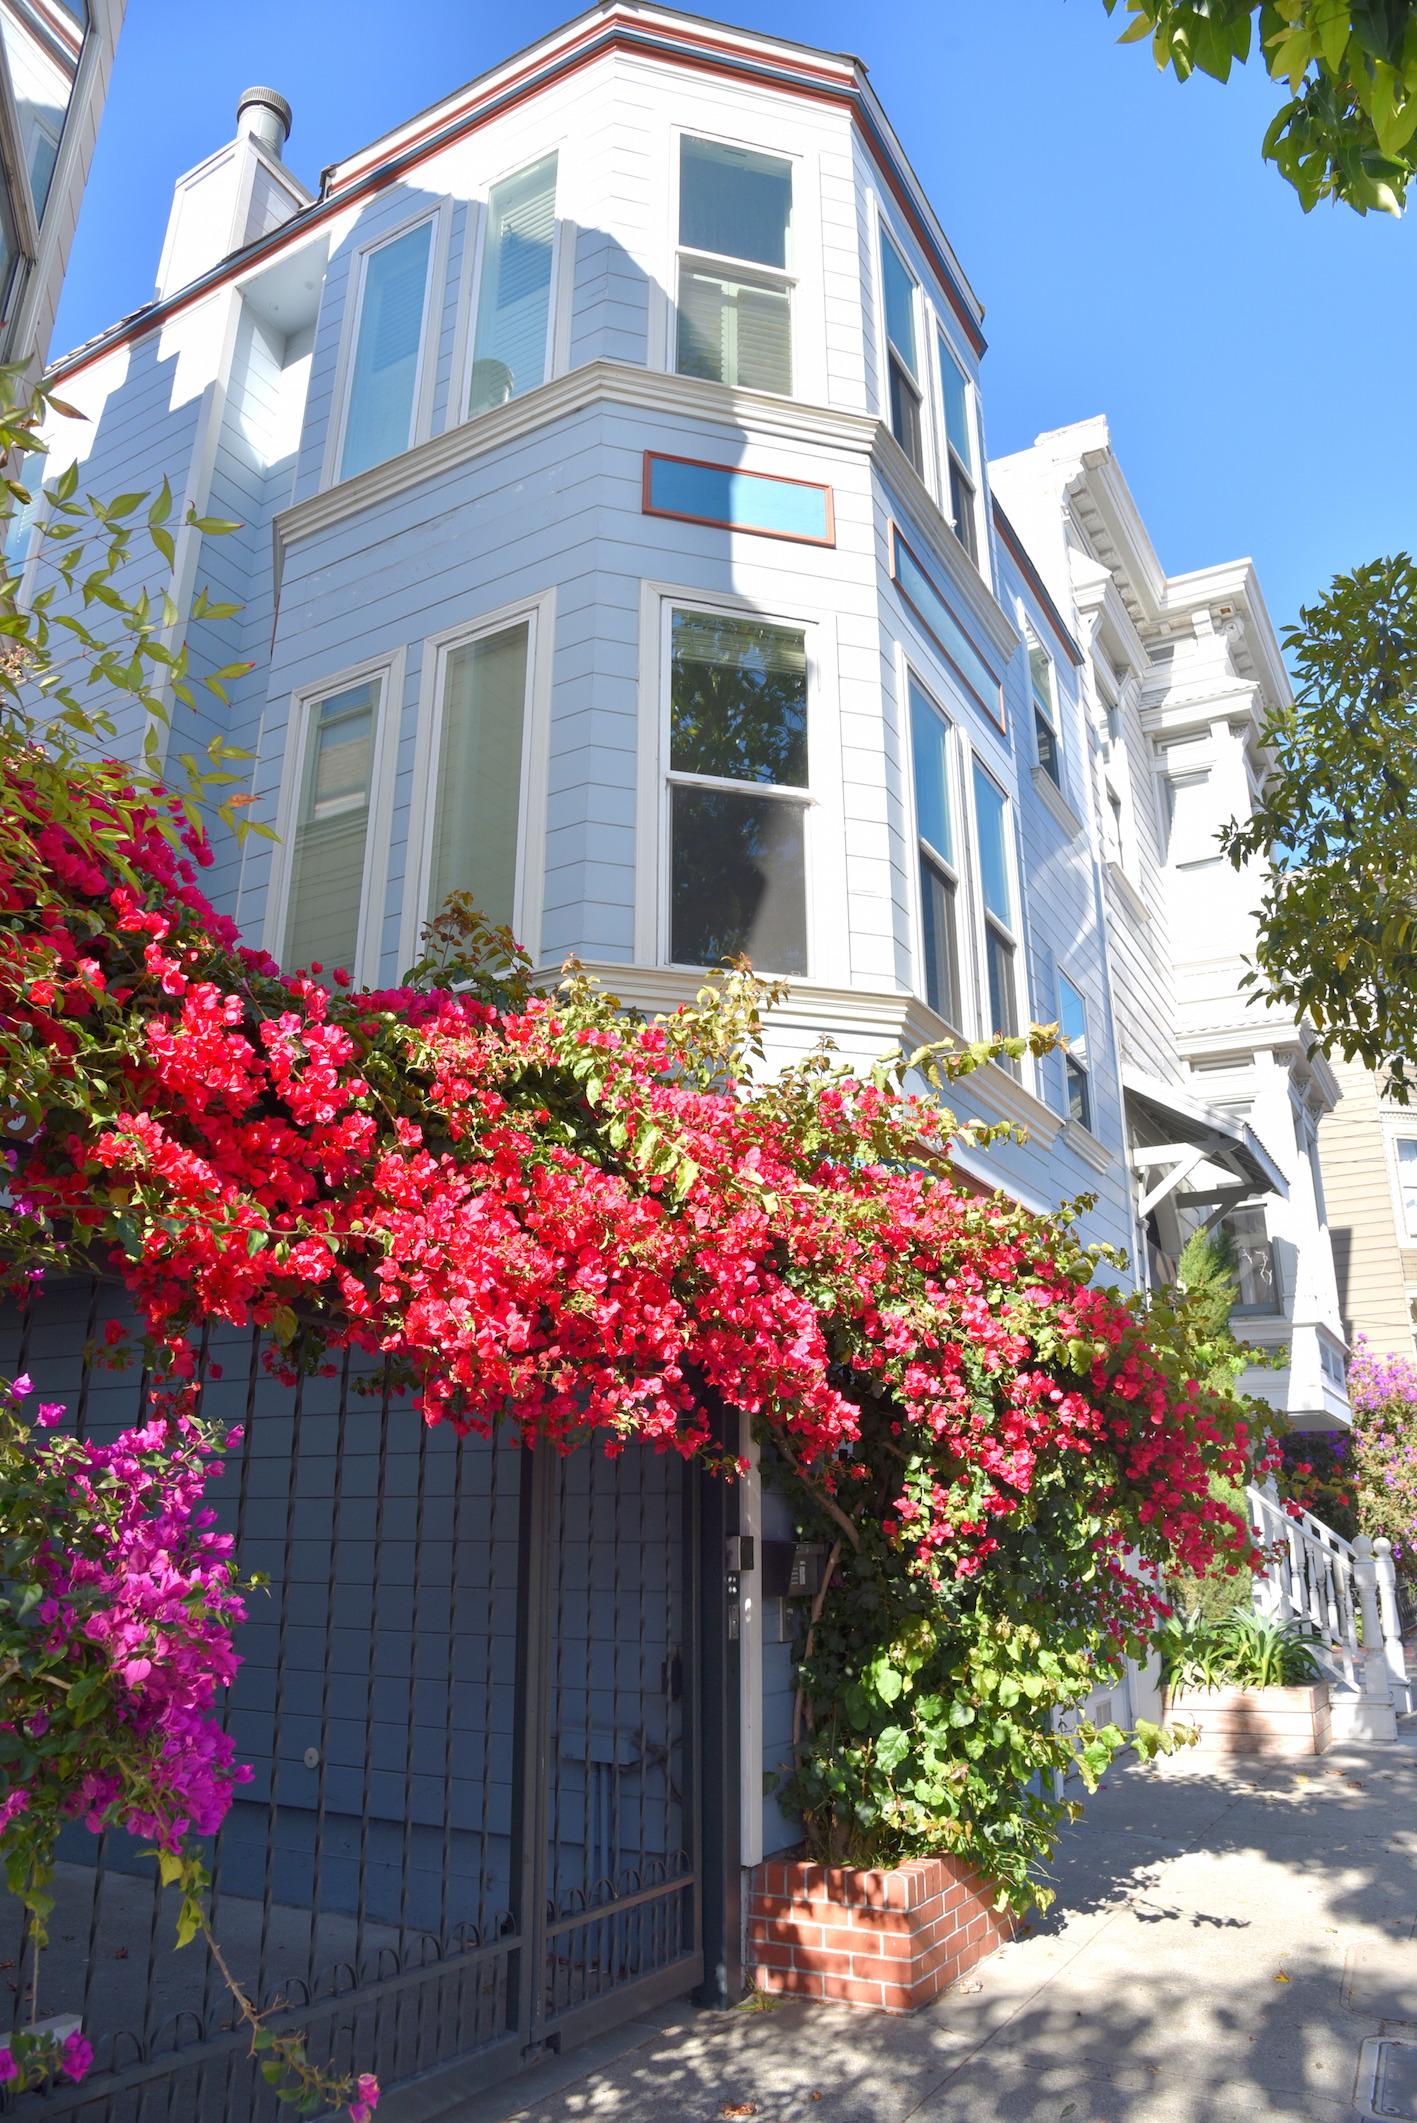 Visite de San Francisco Blog voyage